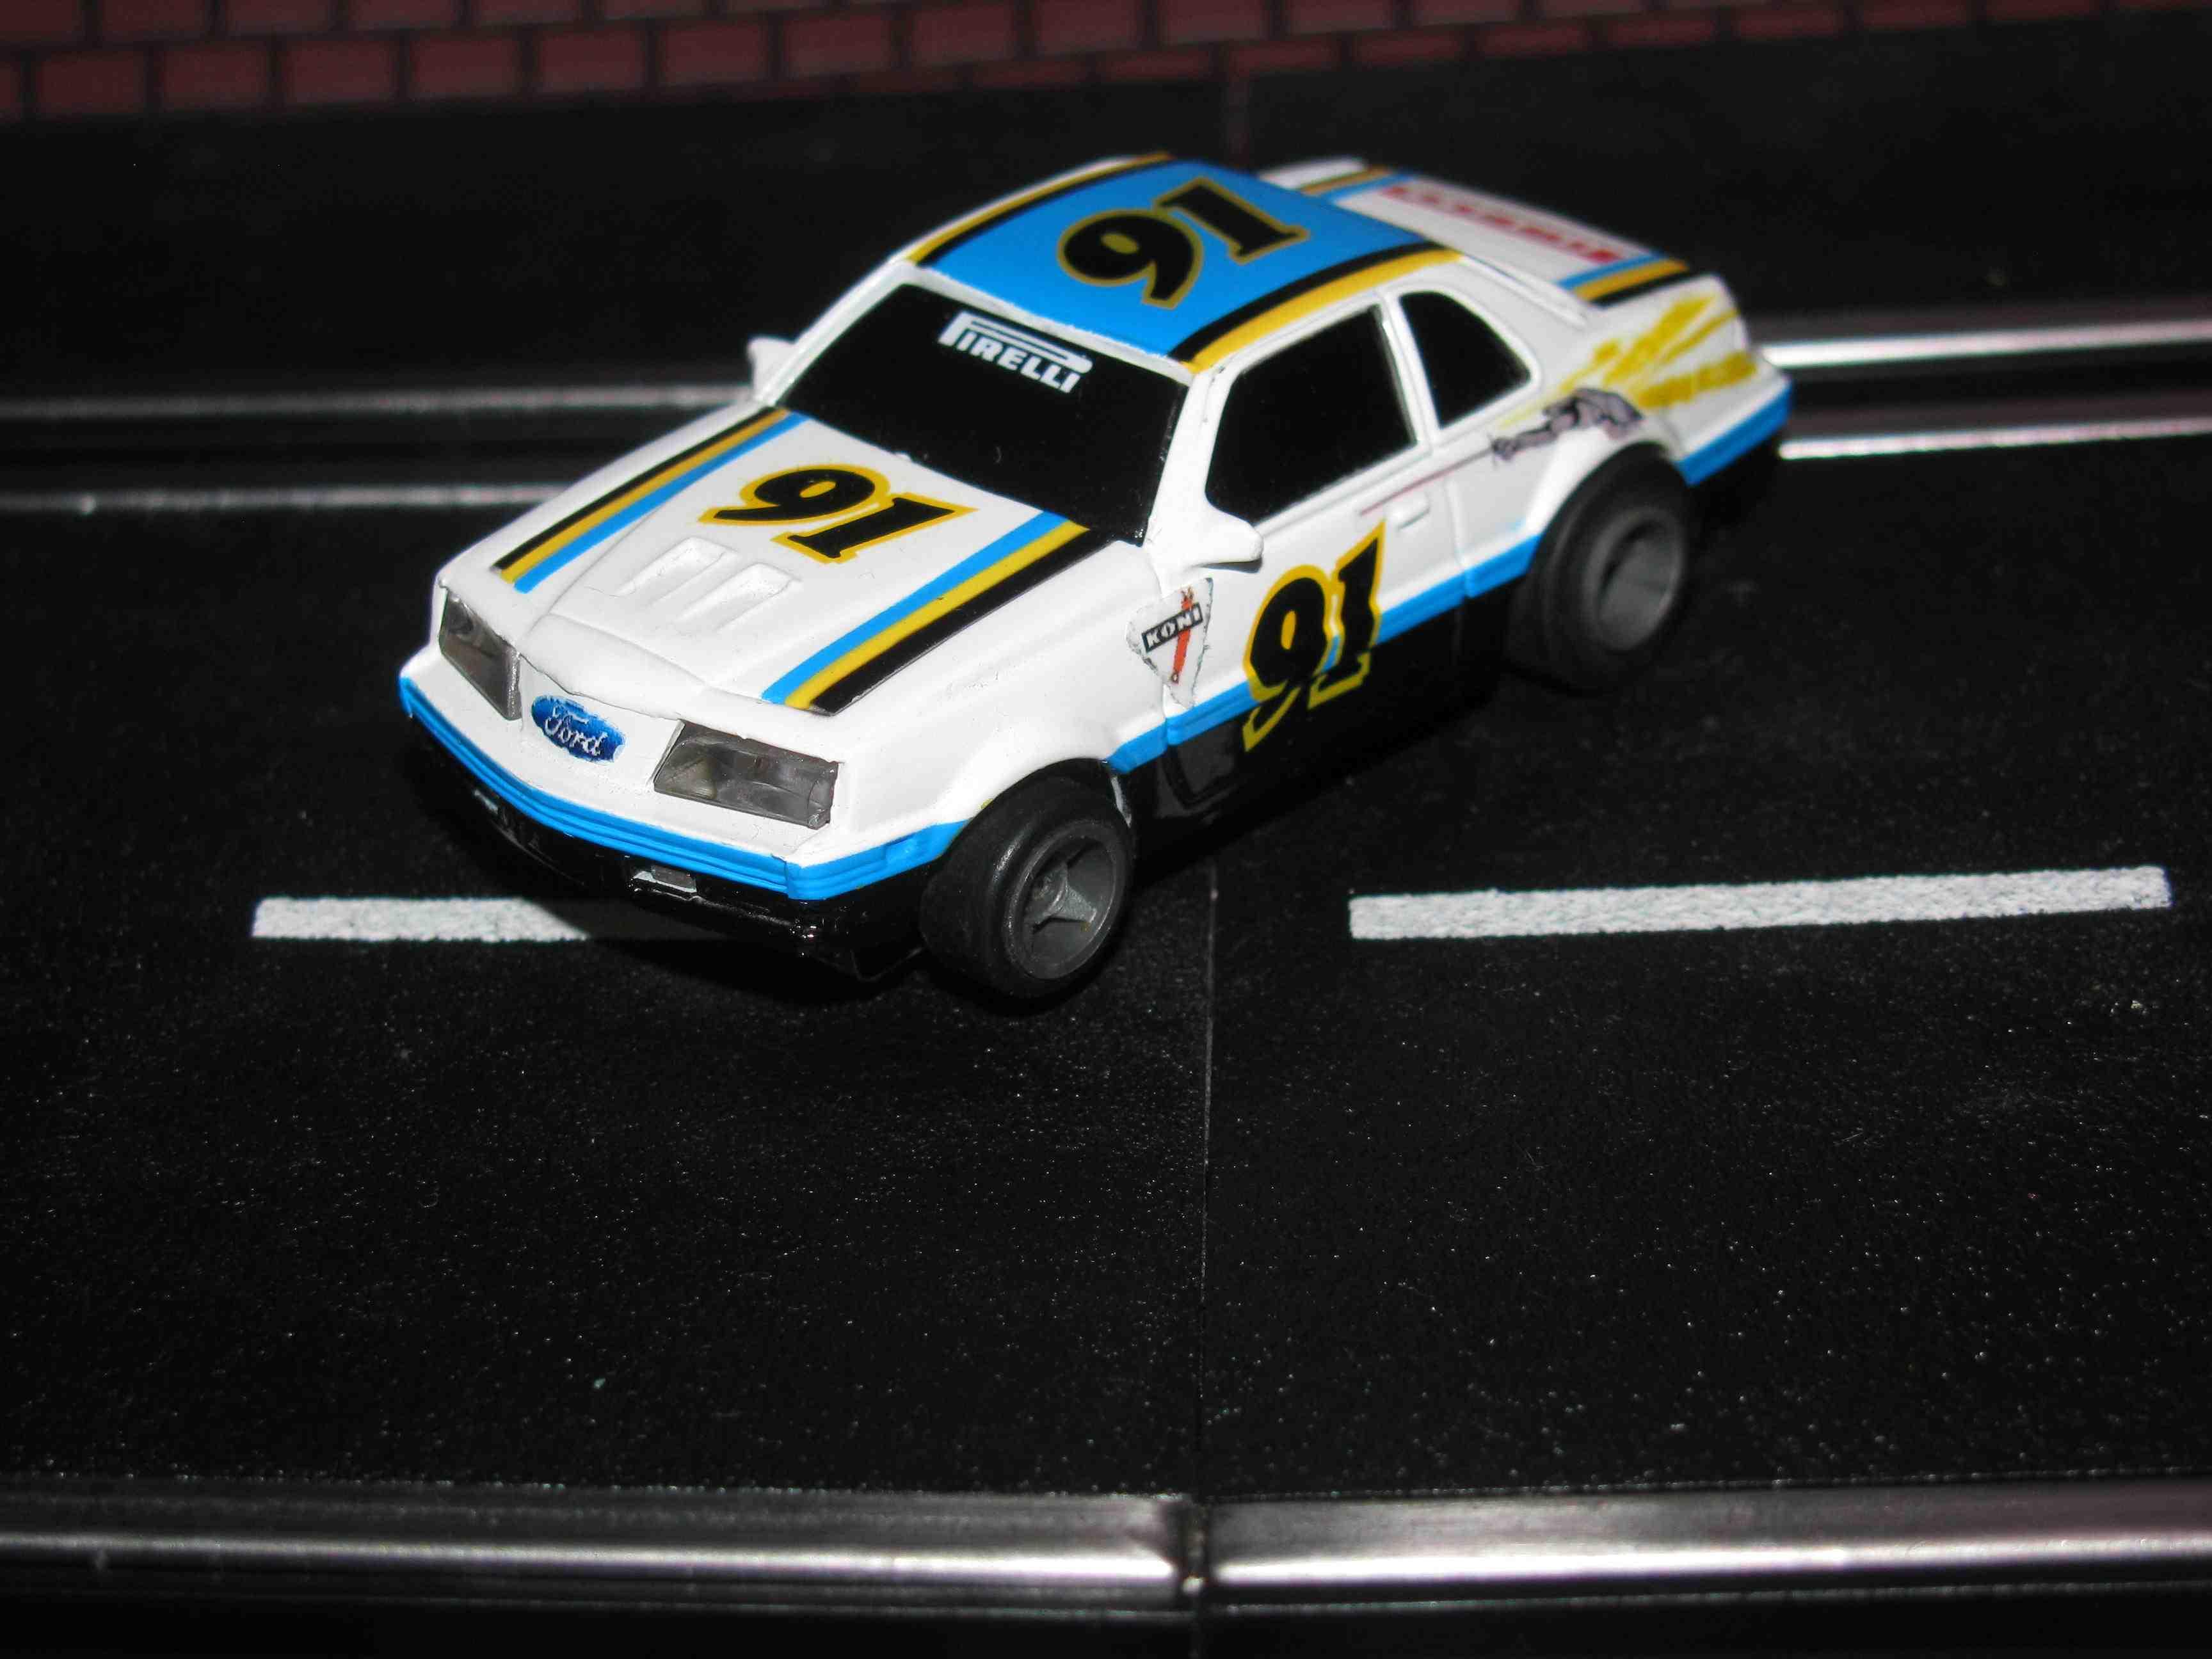 TYCO FORD Thunderbird SC - HO Slot Car – White - Car#91 – W/Lights